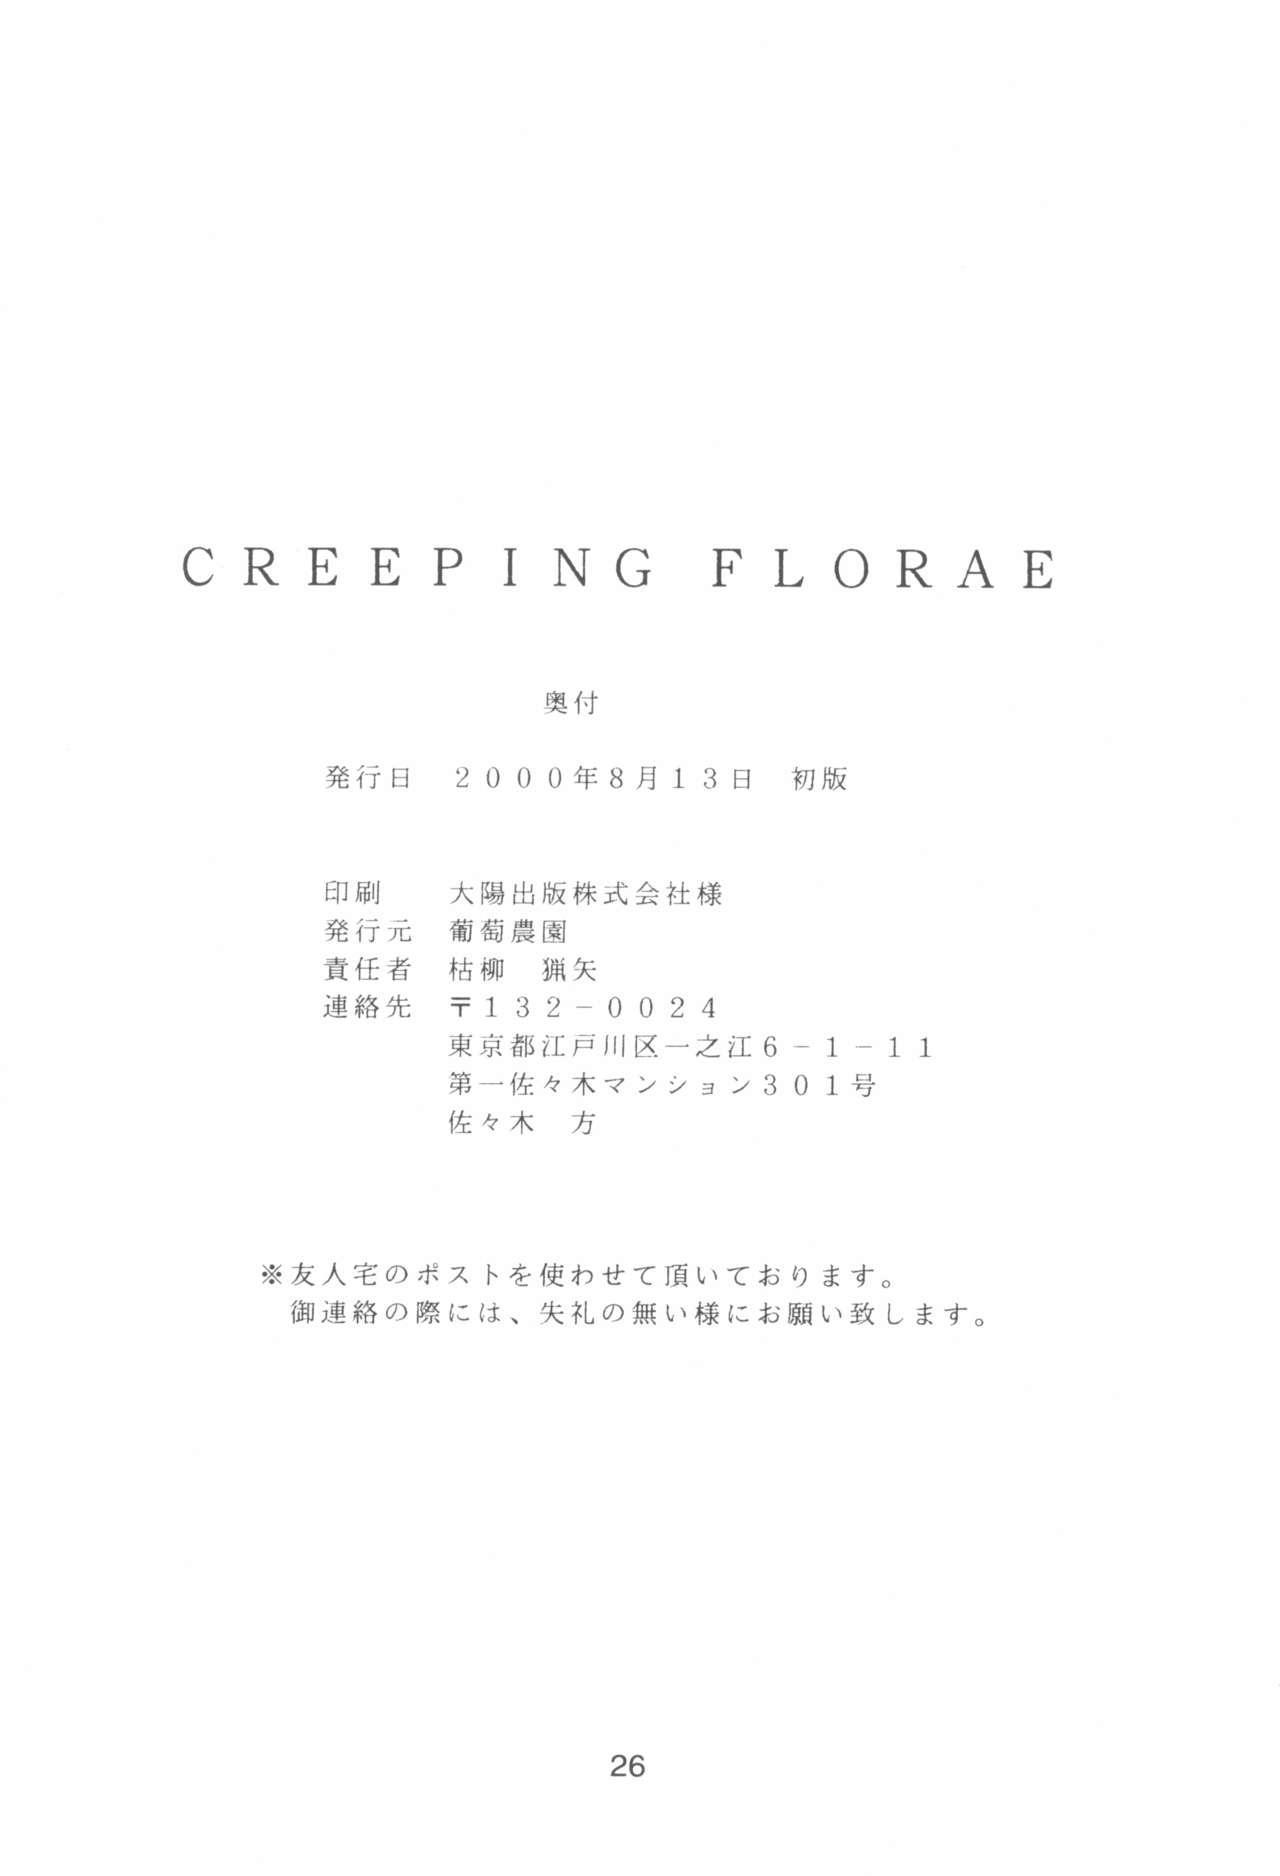 CREEPING FLORAE 25